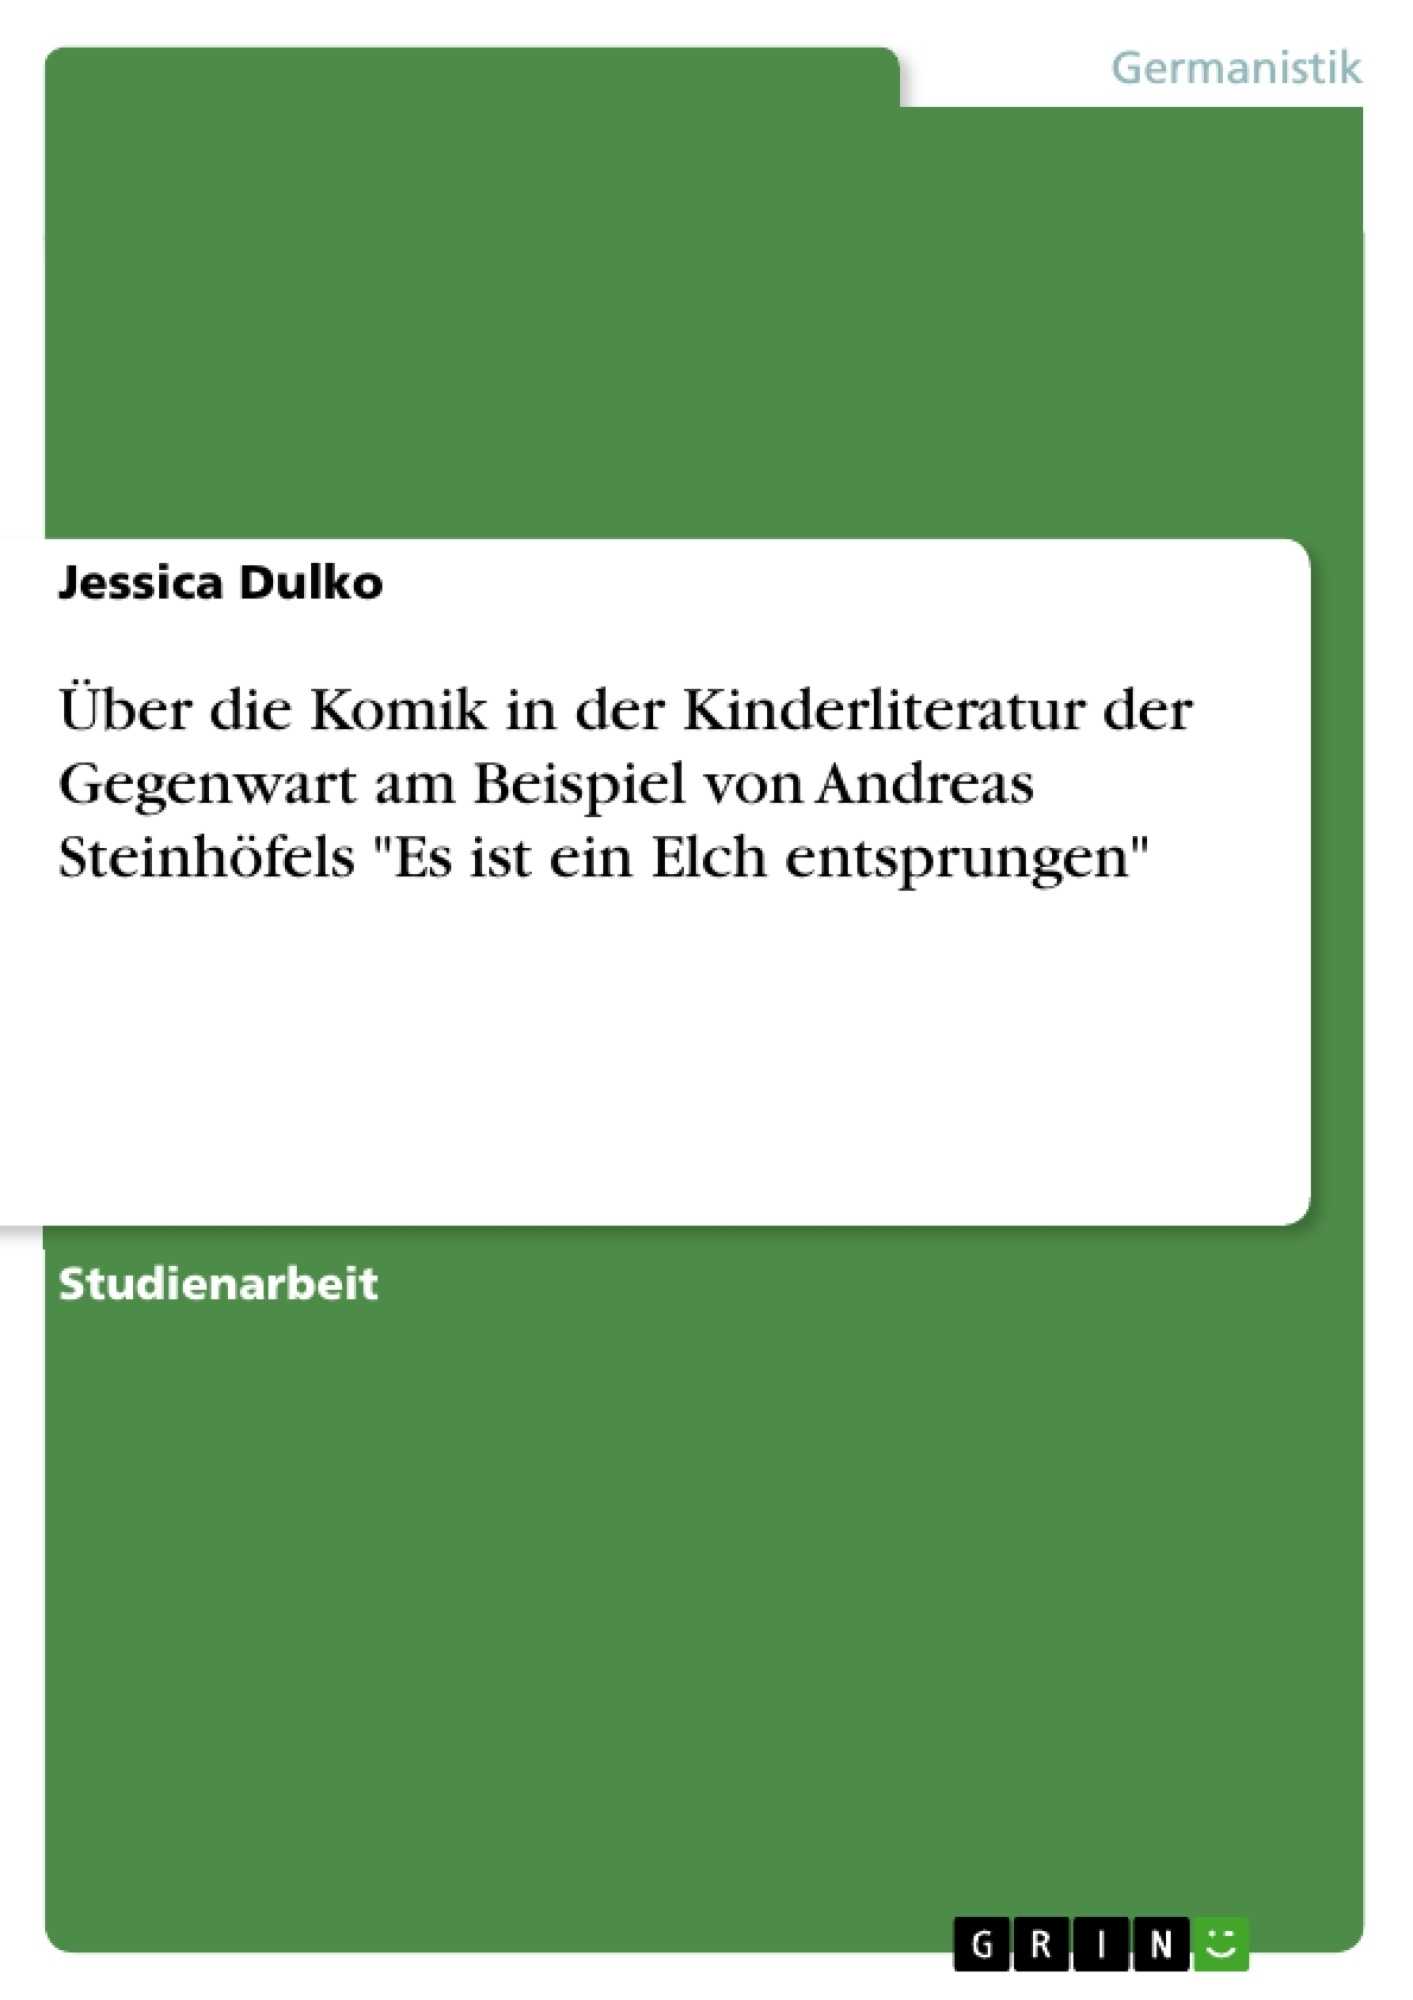 """Titel: Über die Komik in der Kinderliteratur der Gegenwart am Beispiel von Andreas Steinhöfels """"Es ist ein Elch entsprungen"""""""